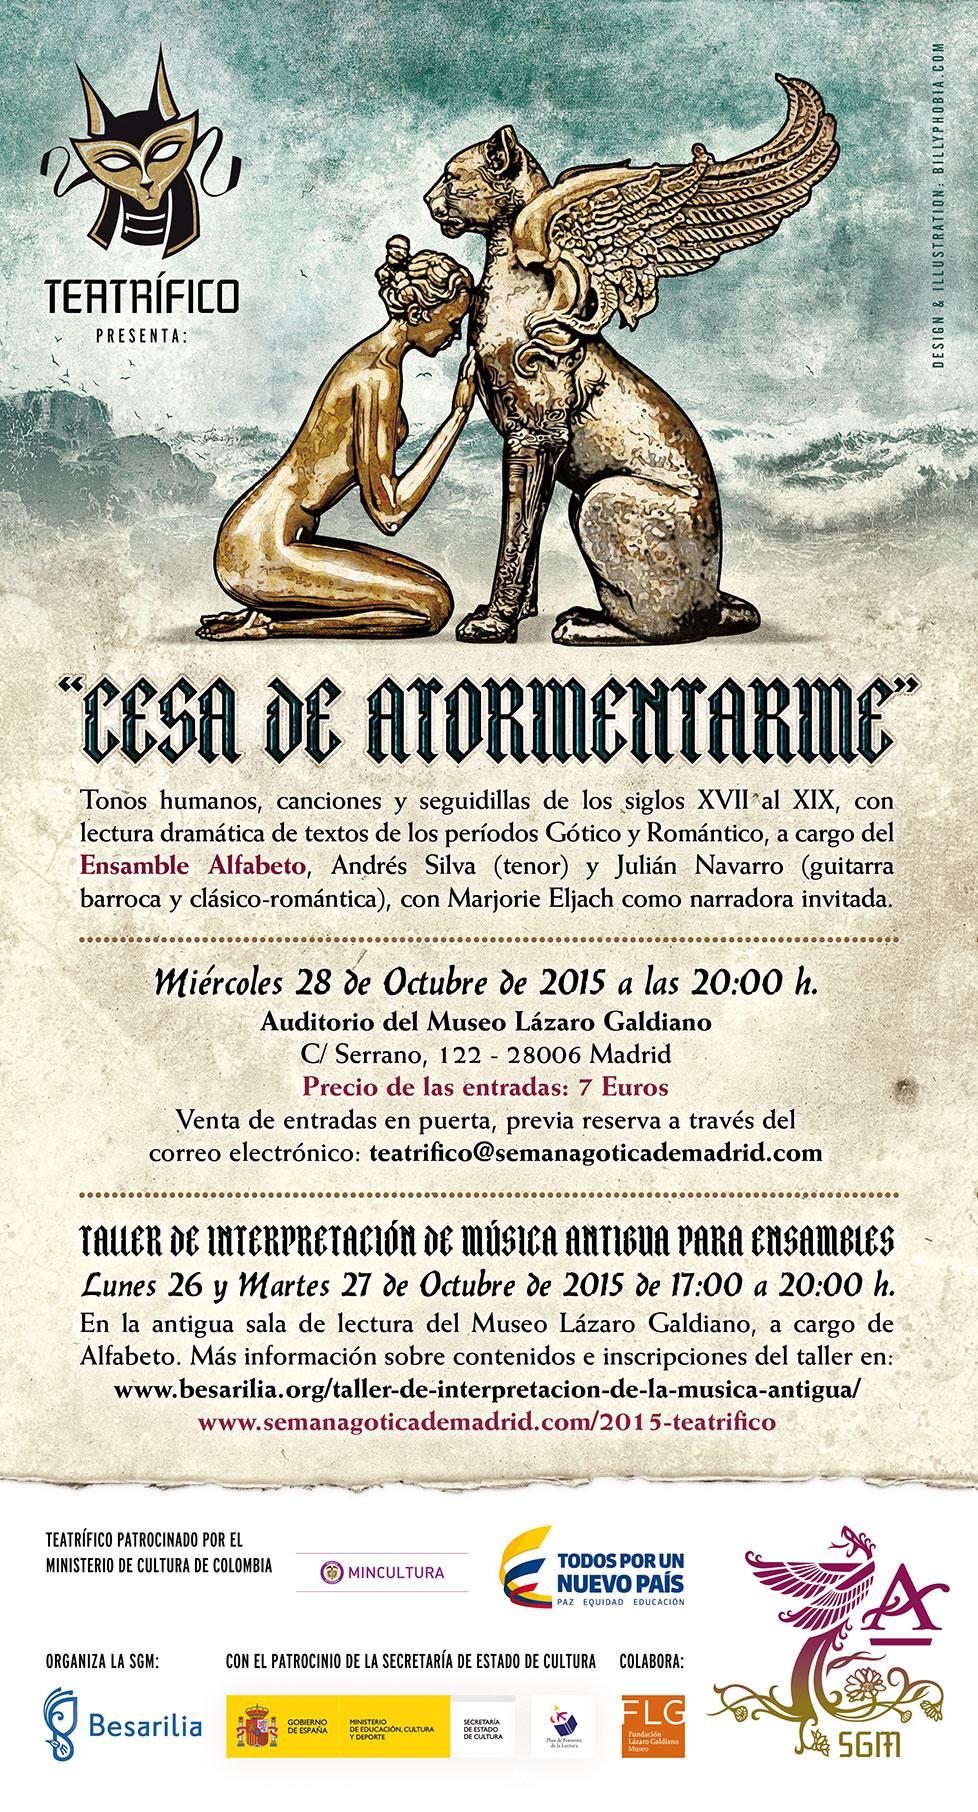 Cartel de la séptima edición de Teatrífico de la Semana Gótica de Madrid diseñado por Billyphobia